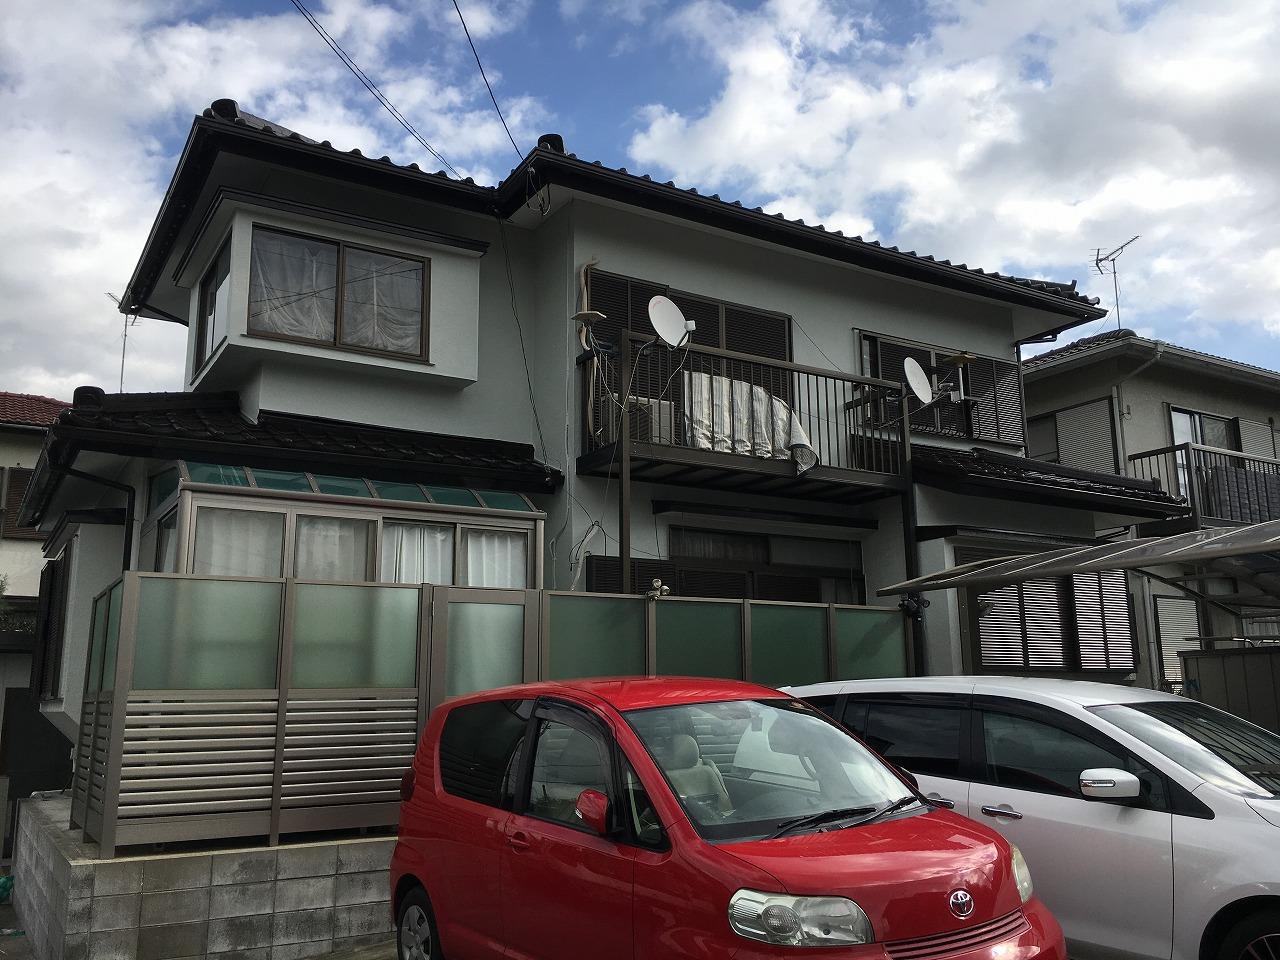 印旛郡O様邸 外壁塗装・屋根塗装工事が完成しました!